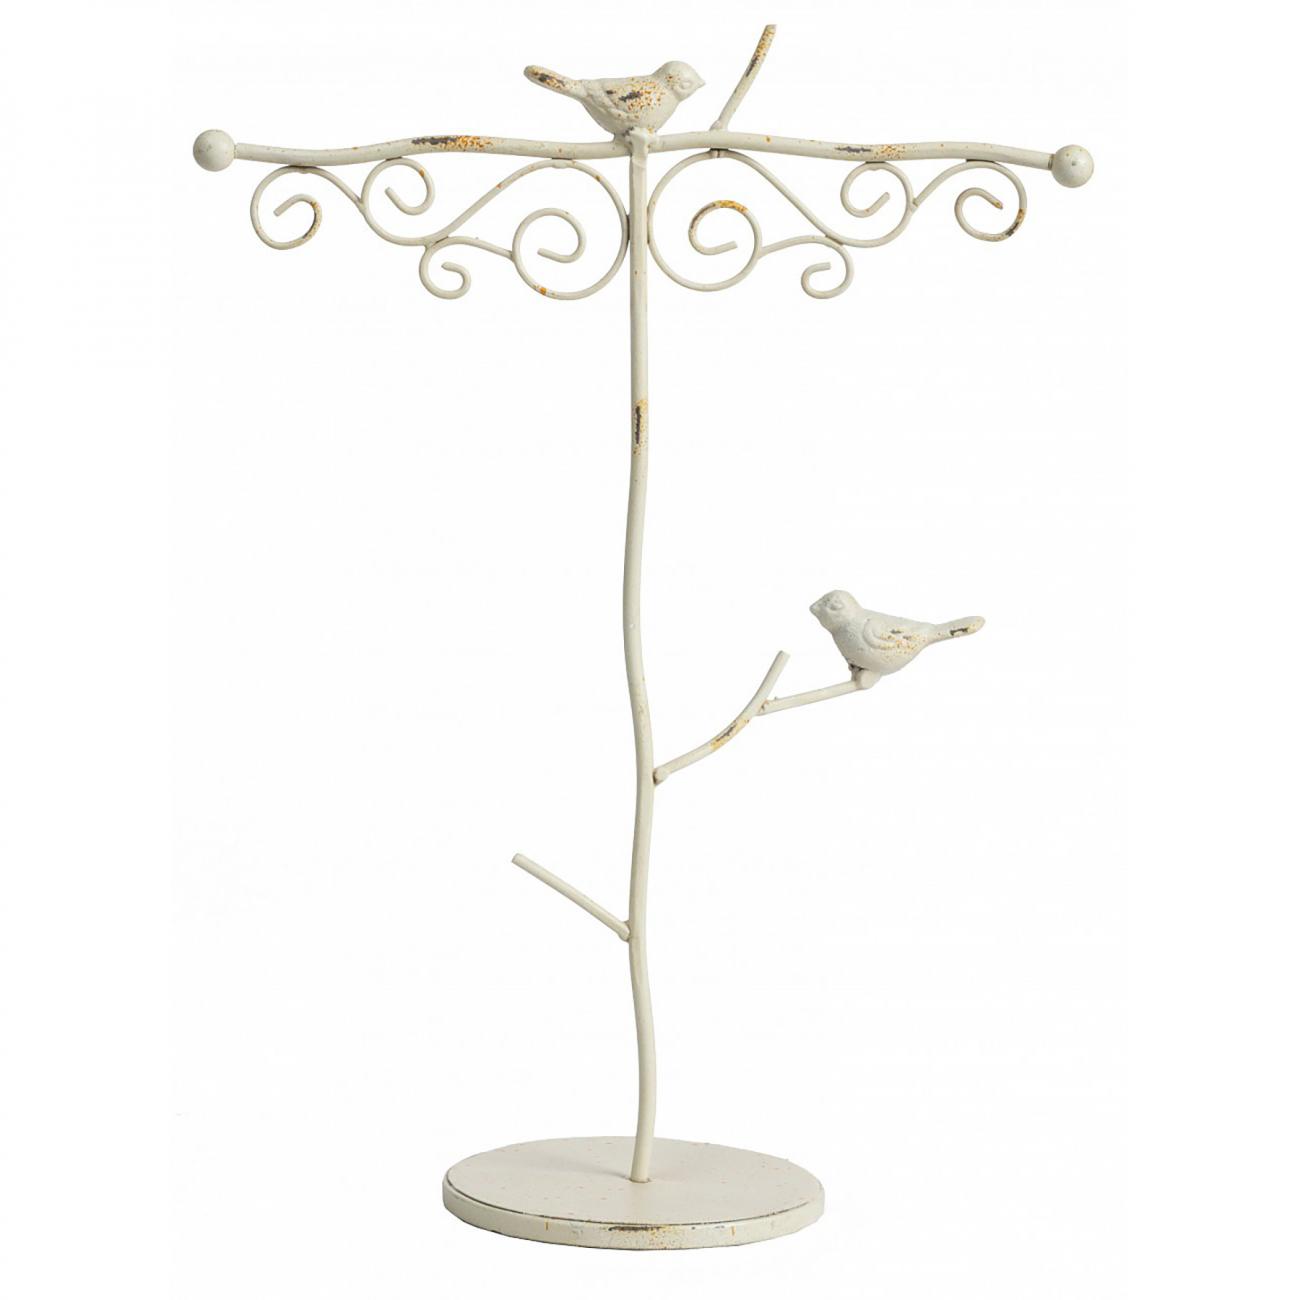 Купить Держатель для украшений Birdie on a Branch в интернет магазине дизайнерской мебели и аксессуаров для дома и дачи